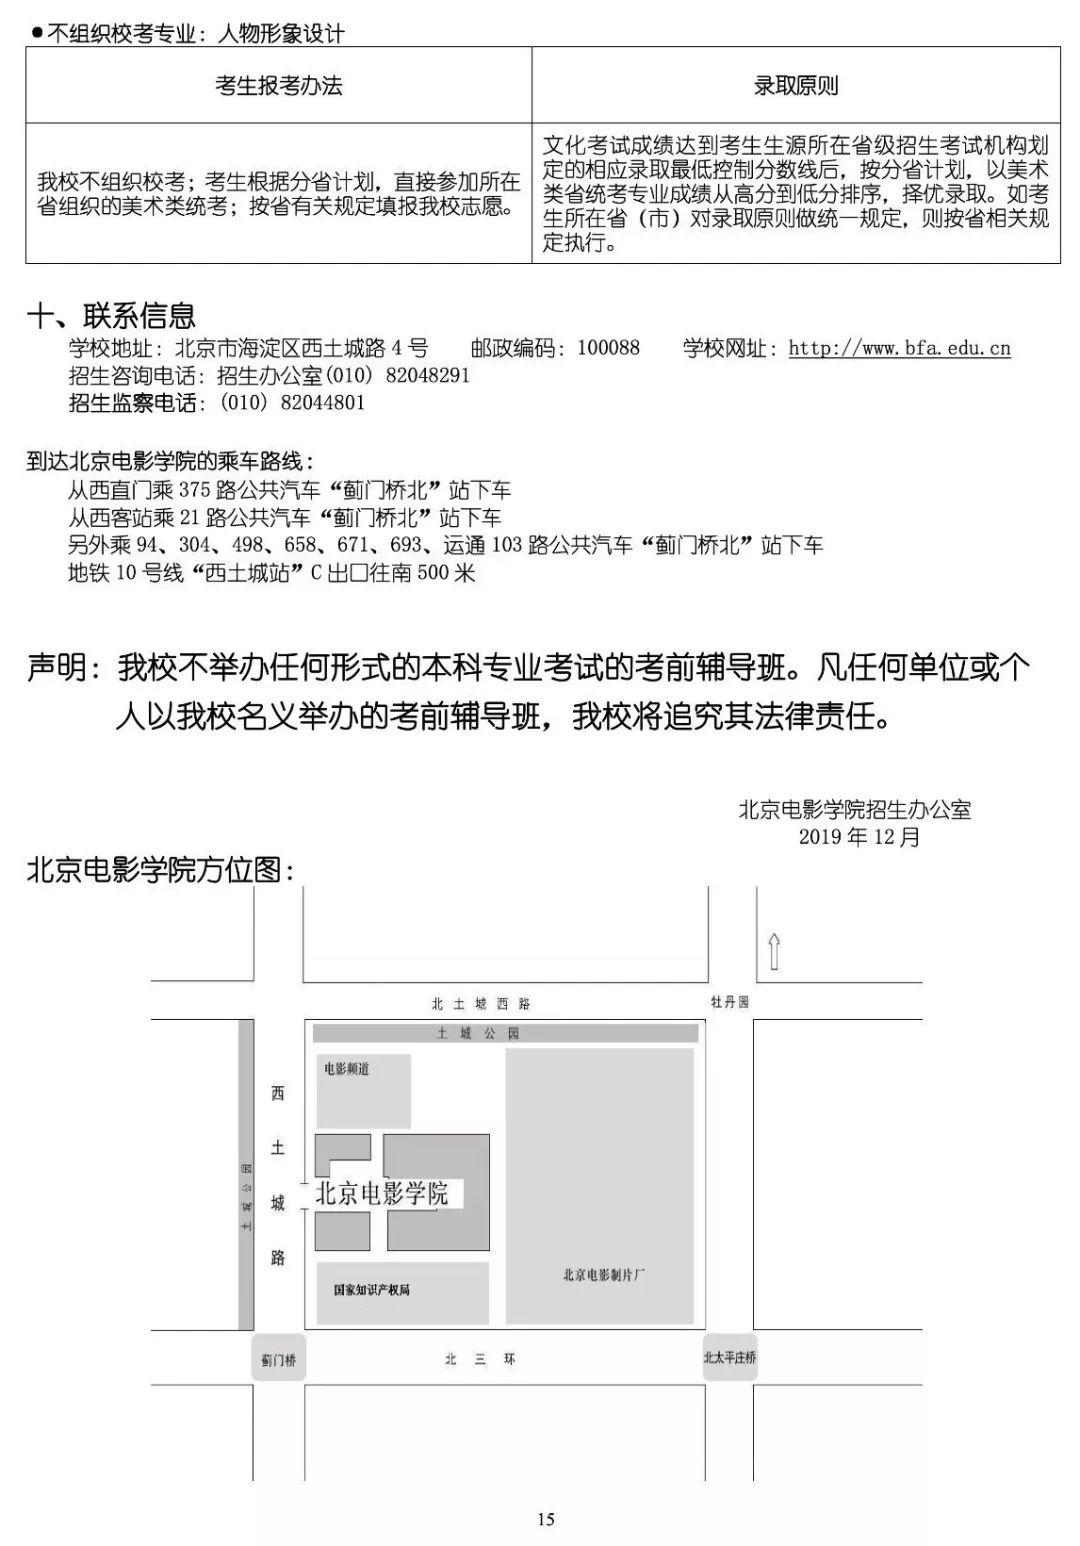 中国传媒大学,北京电影学院,中央戏剧学院,北京巅峰广艺画室       29